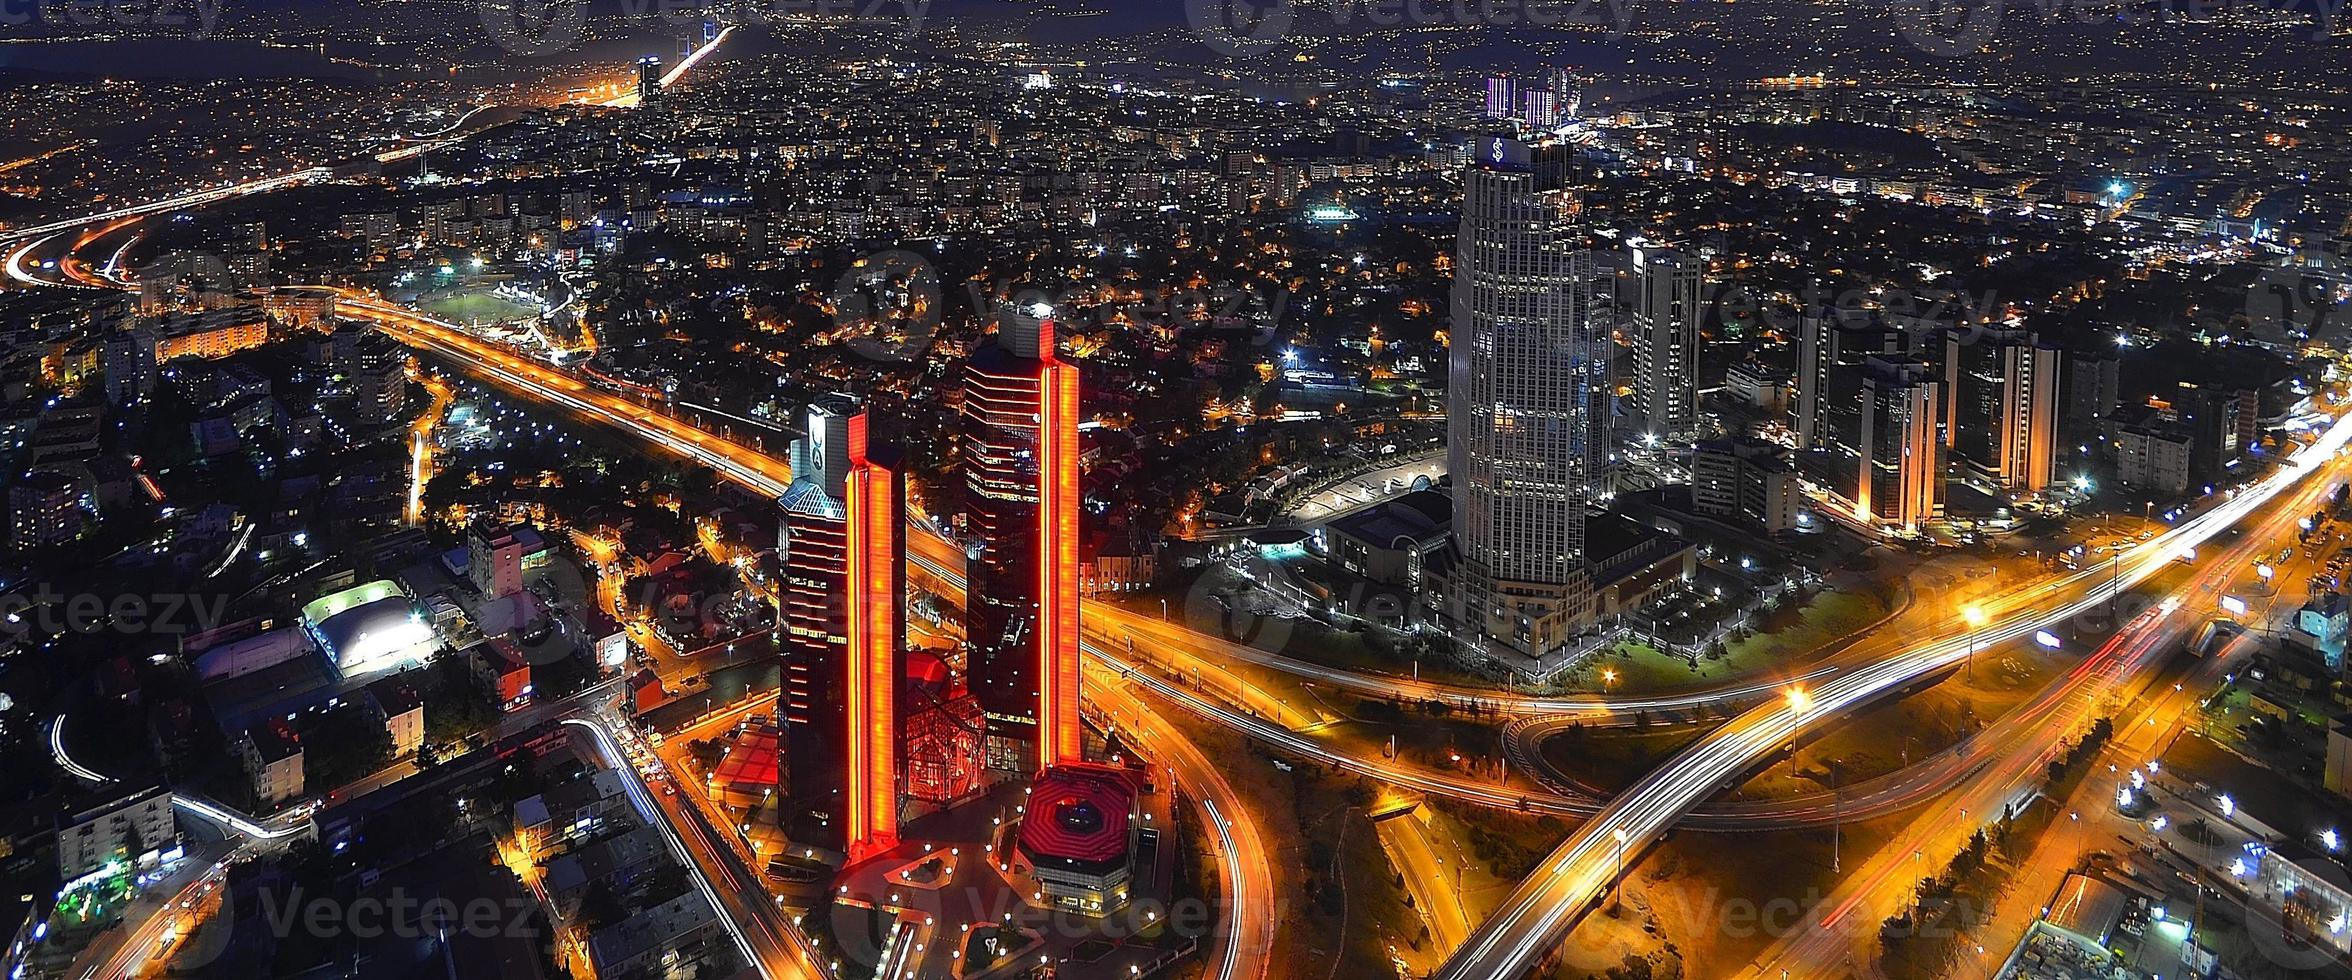 nacht en Istanbul foto